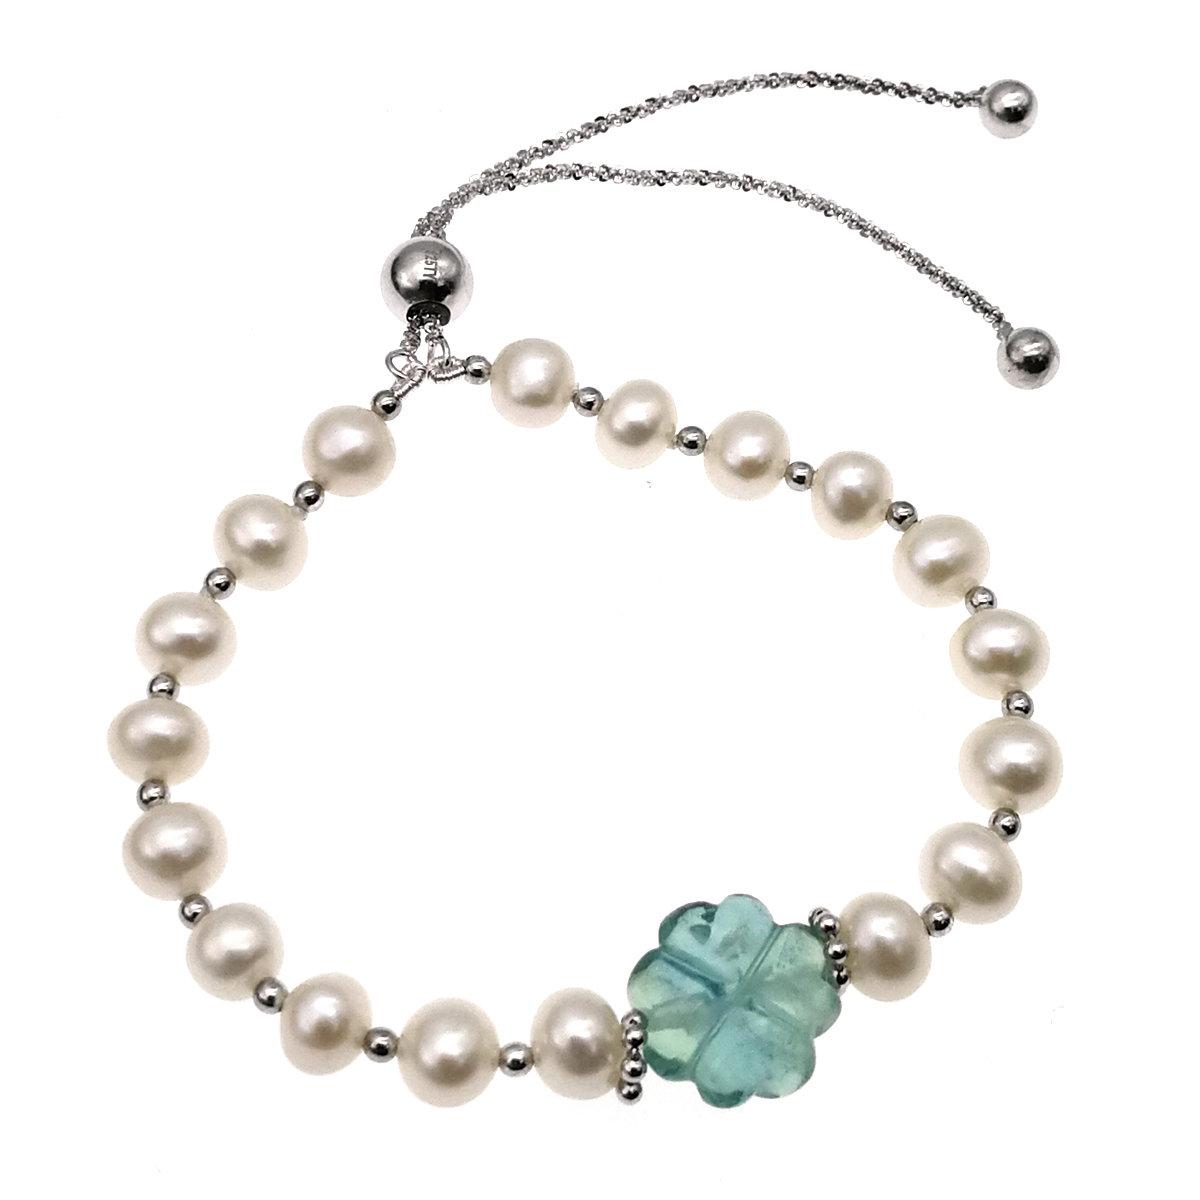 925 純銀 淡水養殖珍珠配四葉草形狀螢石手鏈-可調節長度